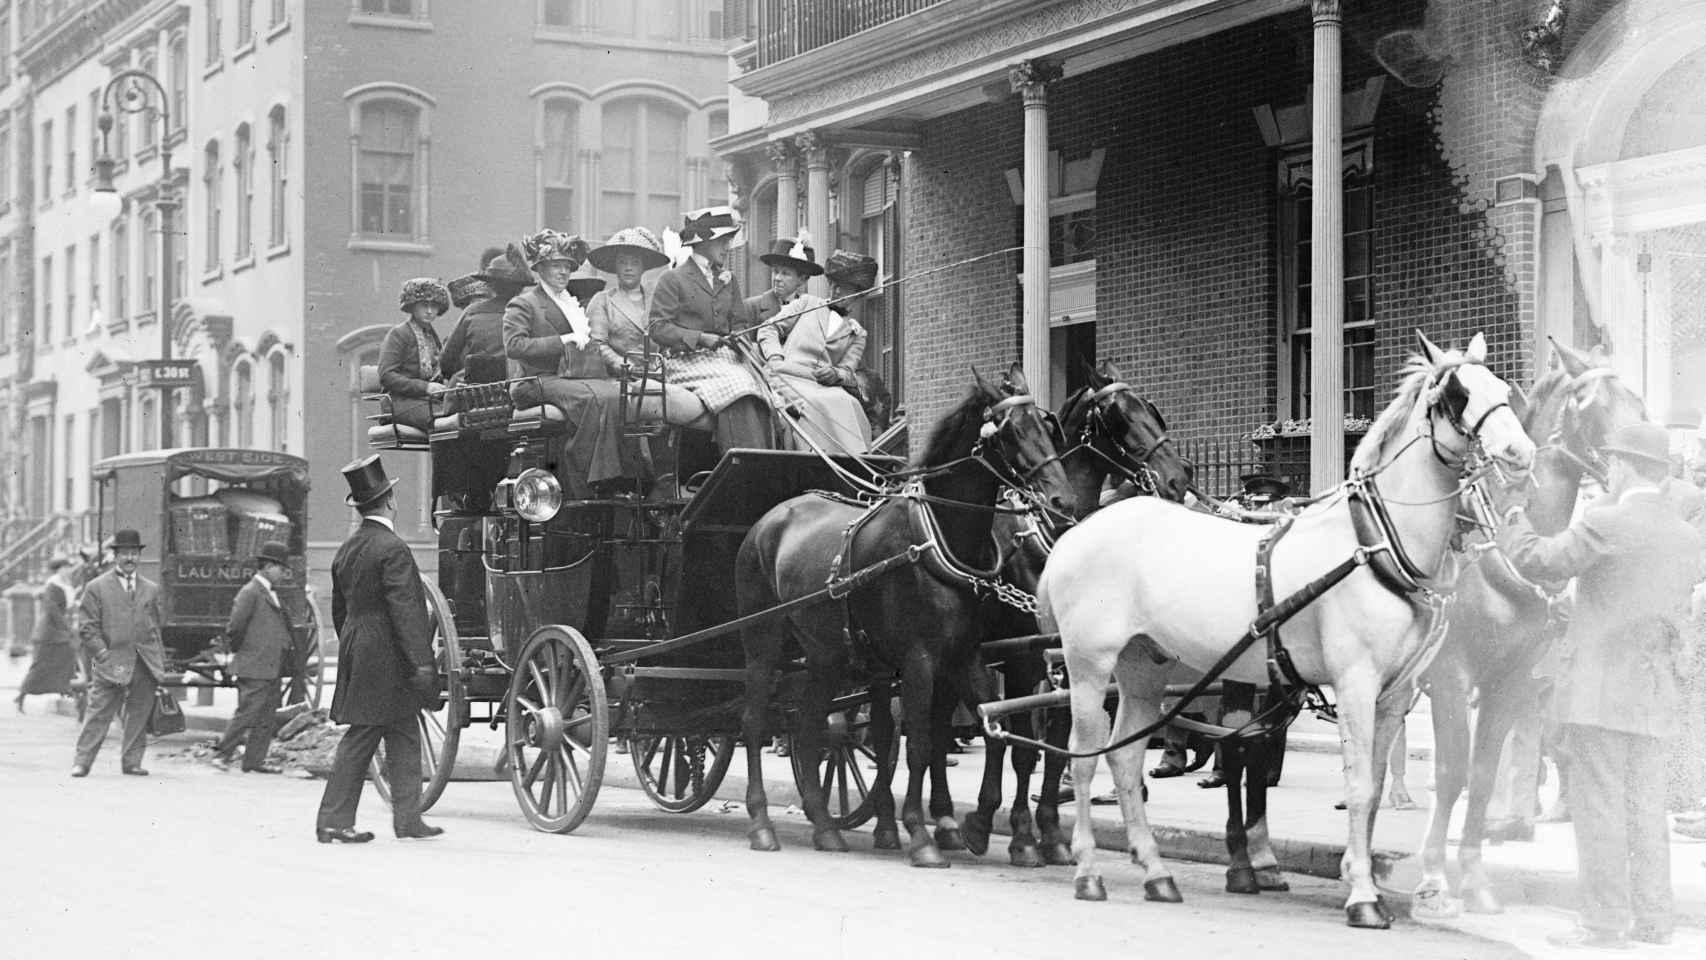 Un coche de caballos se lleva a varias asistentes a una fiesta en el Colony Club en 1911.